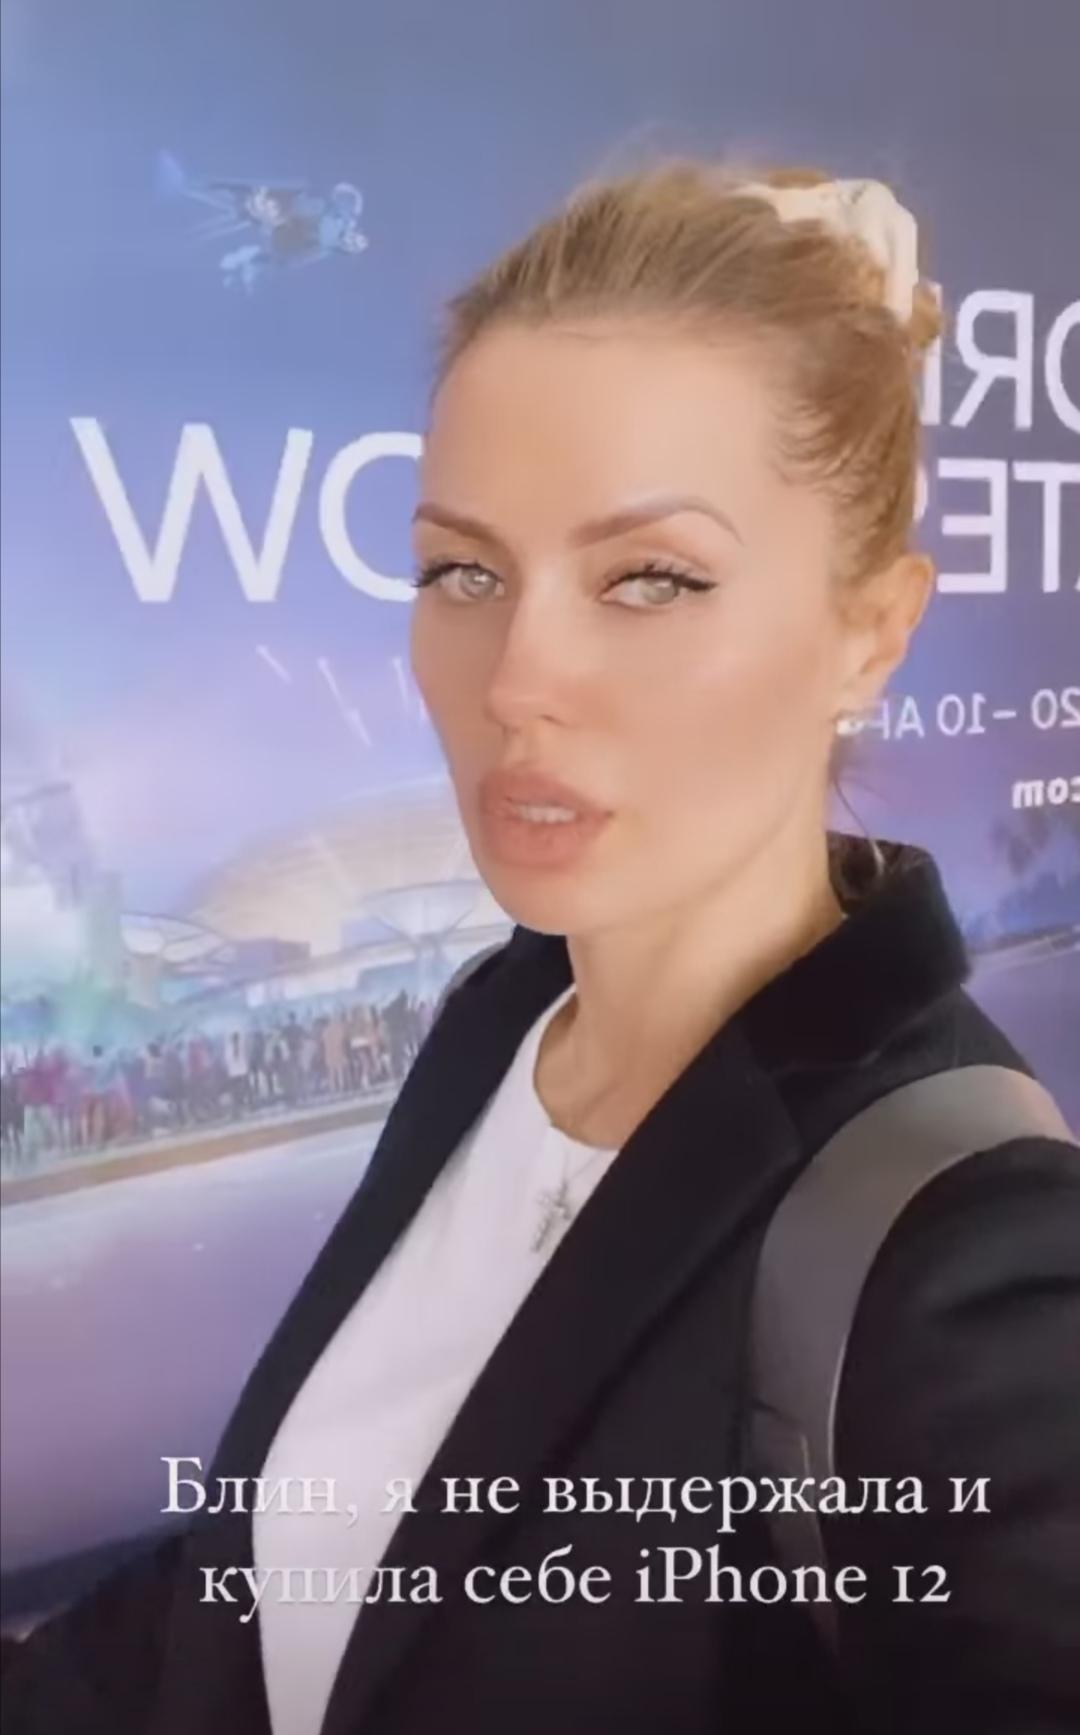 Виктория Боня (фото: @victoriabonya)